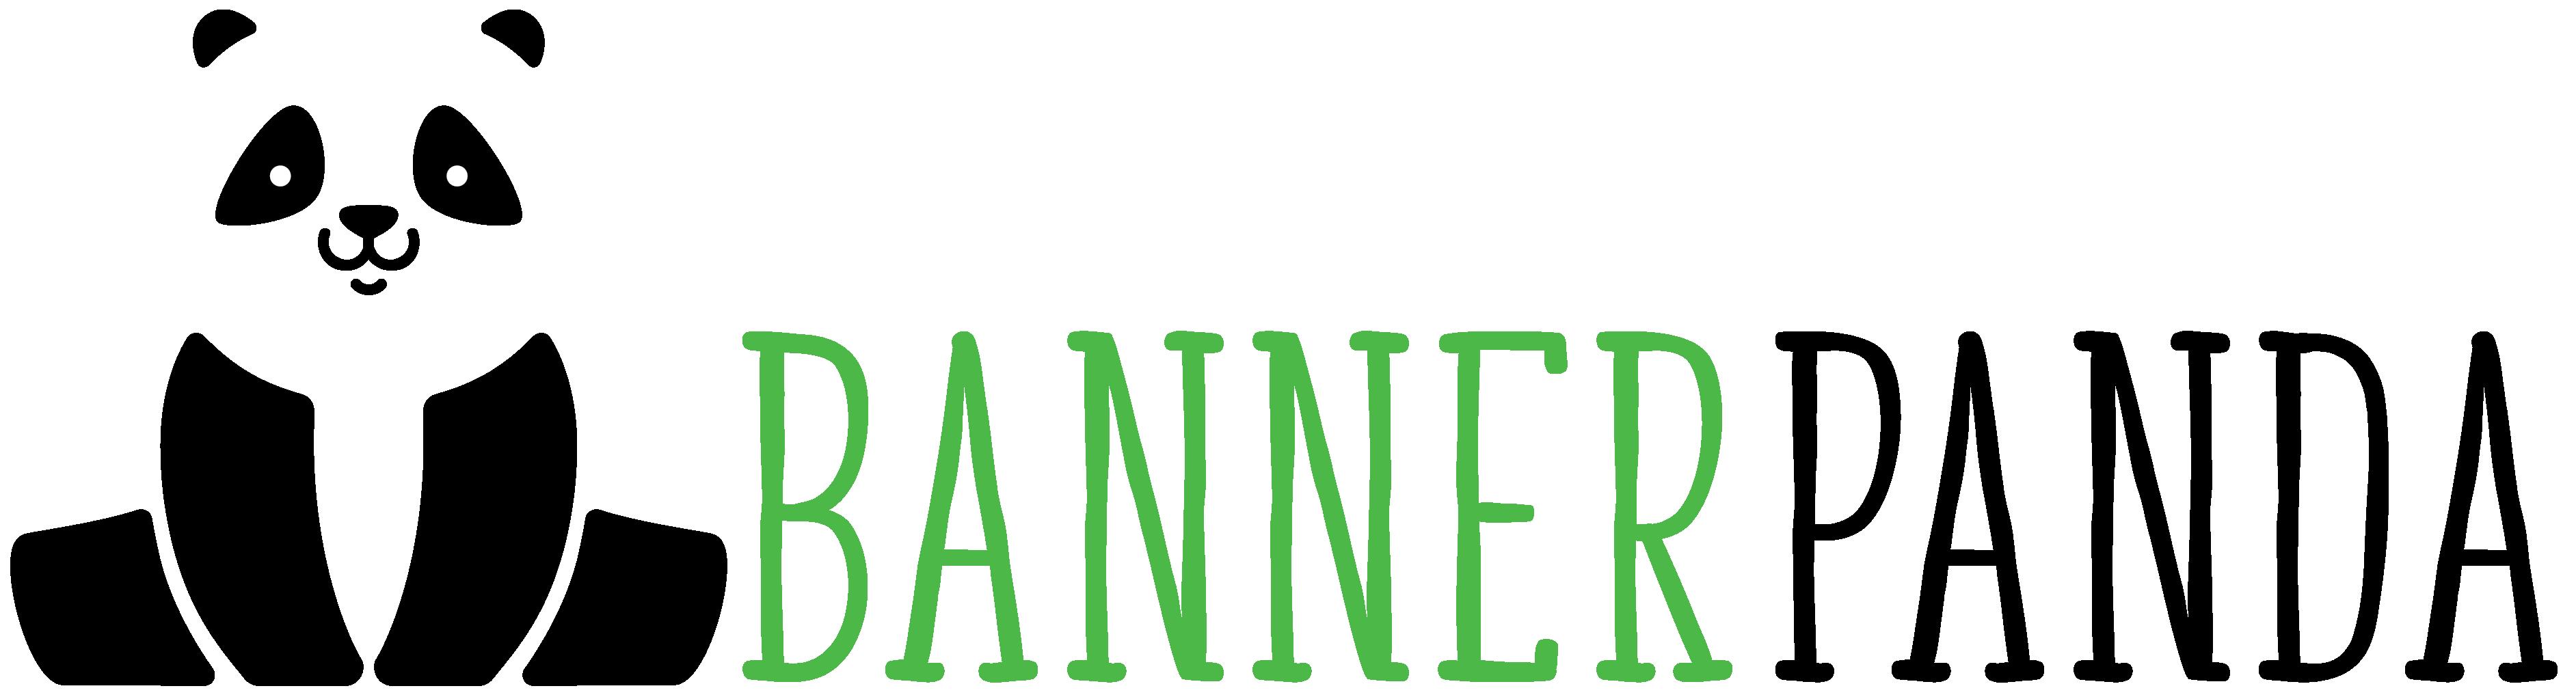 BannerPanda